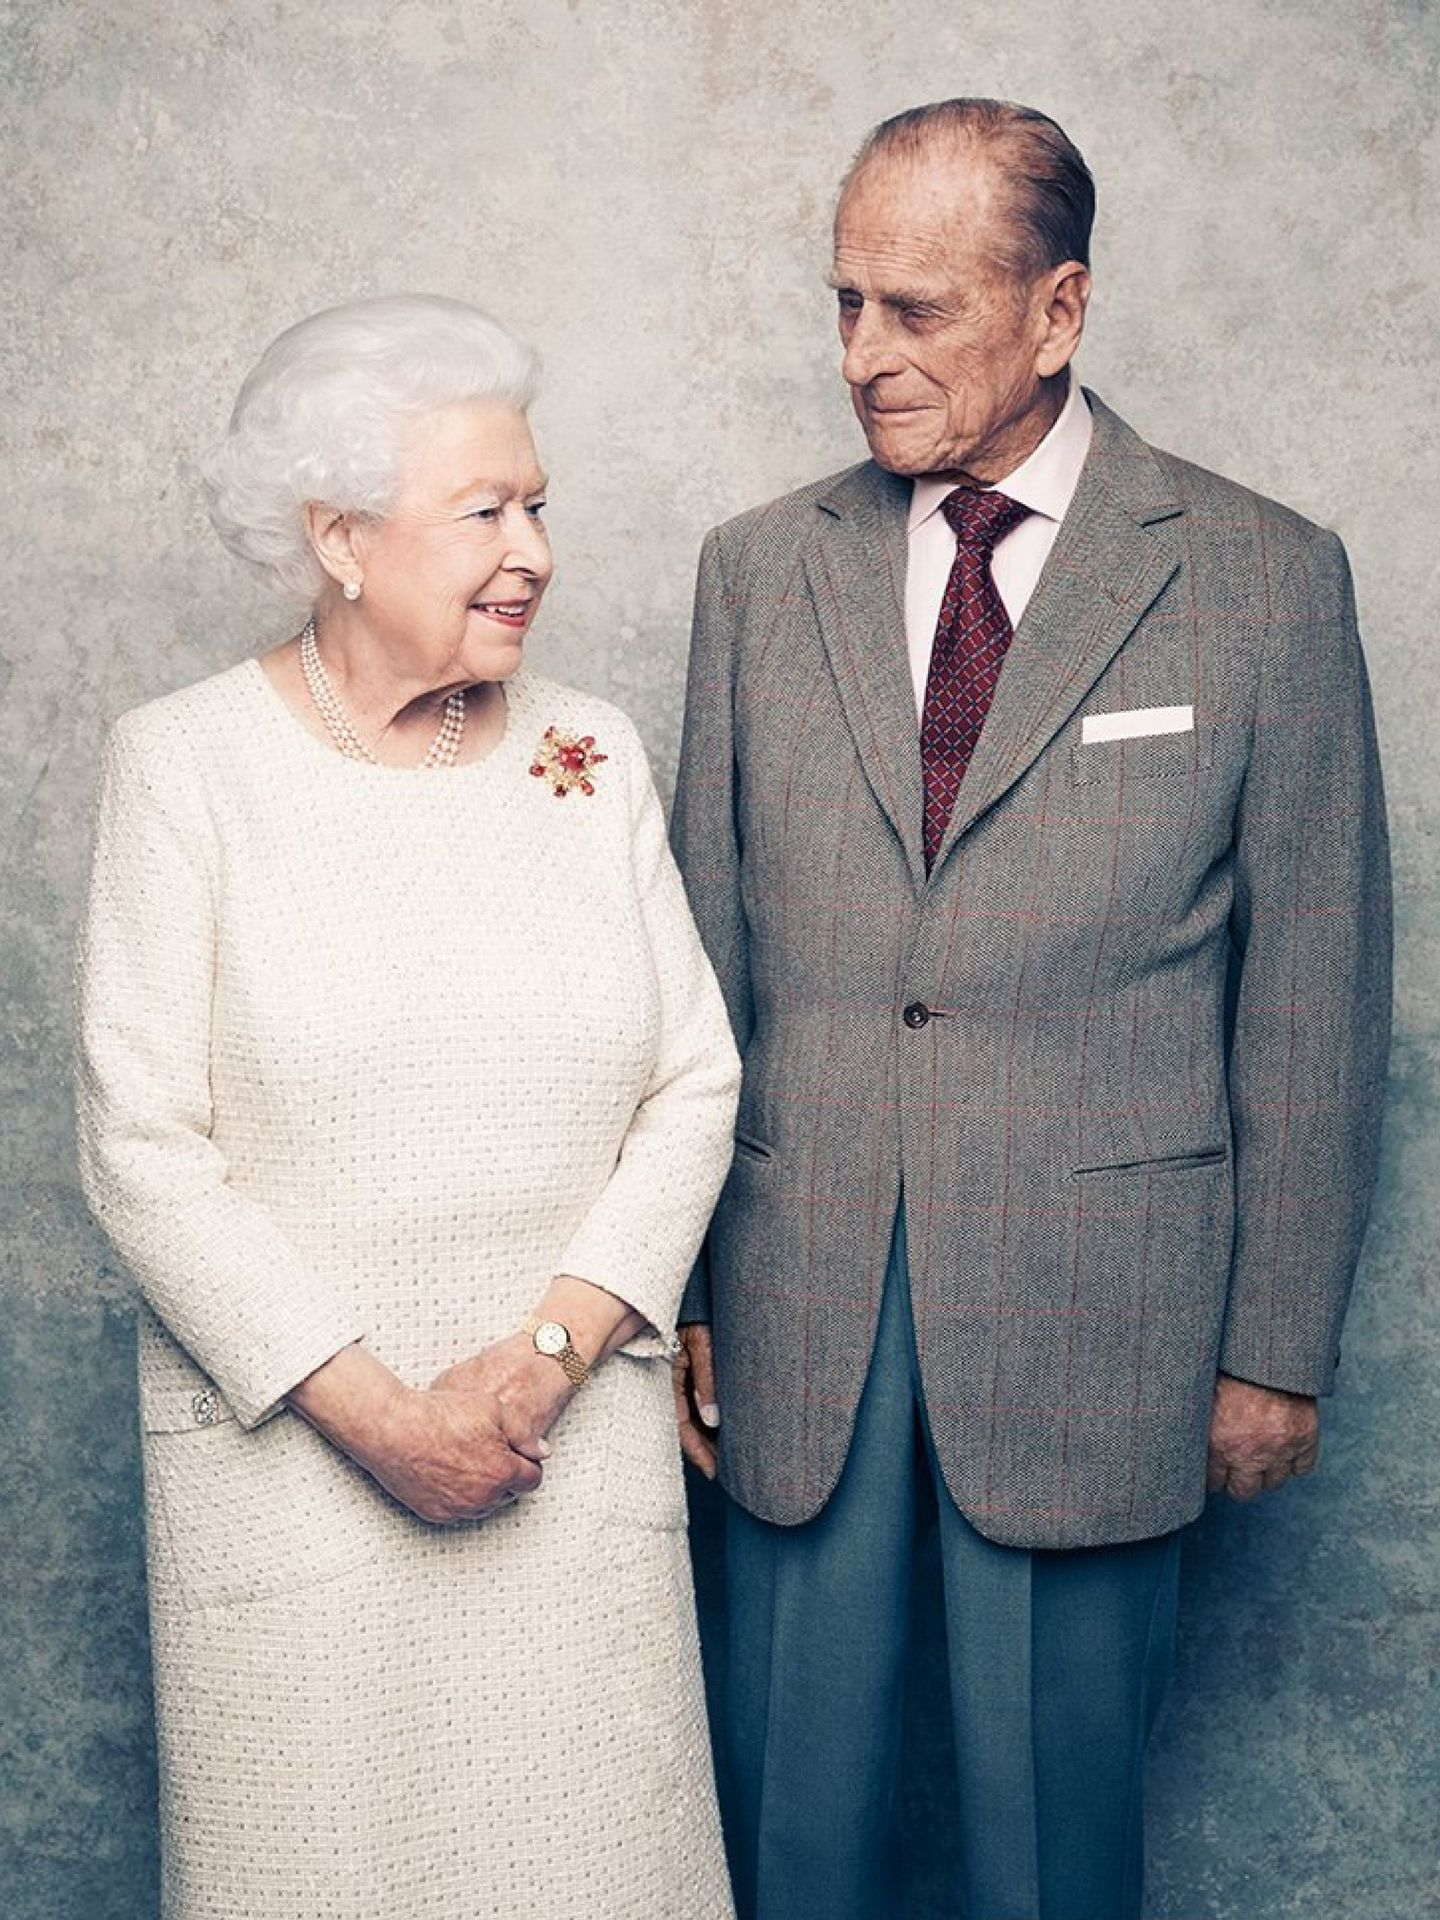 La reina Isabel y el duque de Edimburgo. (Palacio de Buckingham)